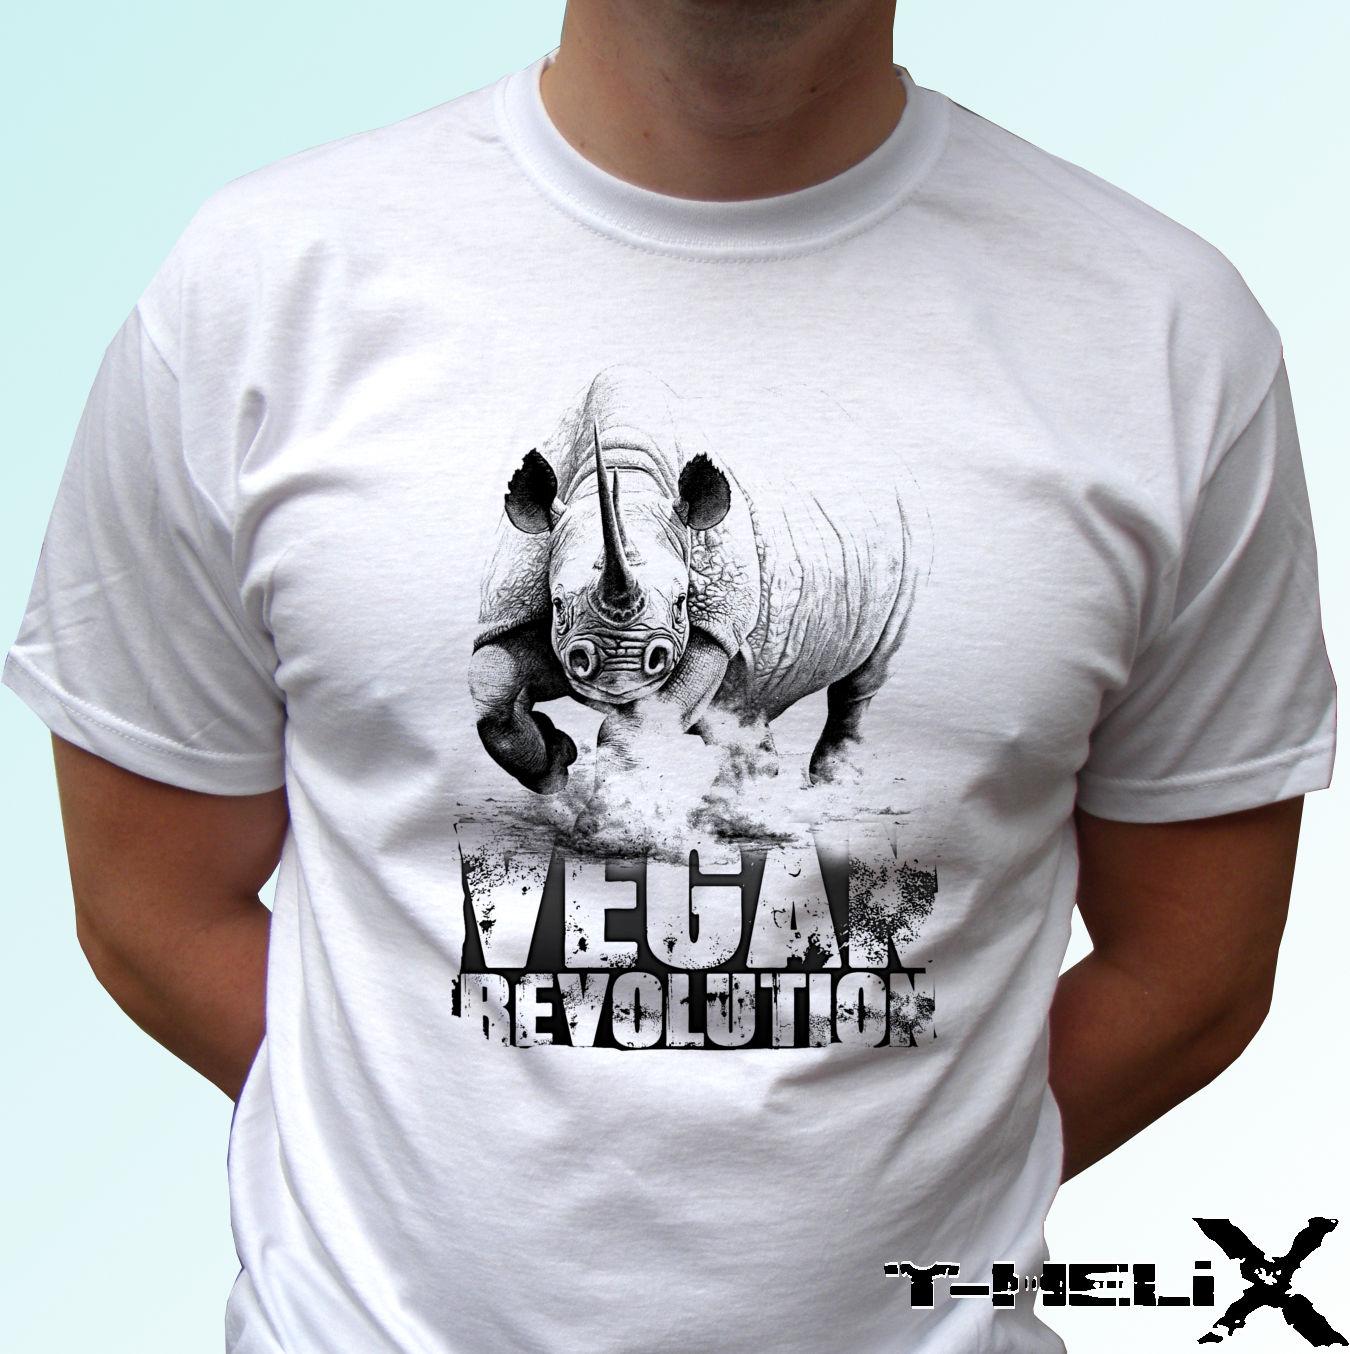 Verão Fresco T-Shirt Engraçado Vegan Vegetariana Veggie Revolução Rinoceronte-Branco T Shirt Top Tee-Todos Sizestops Tees T-Shirt roupas